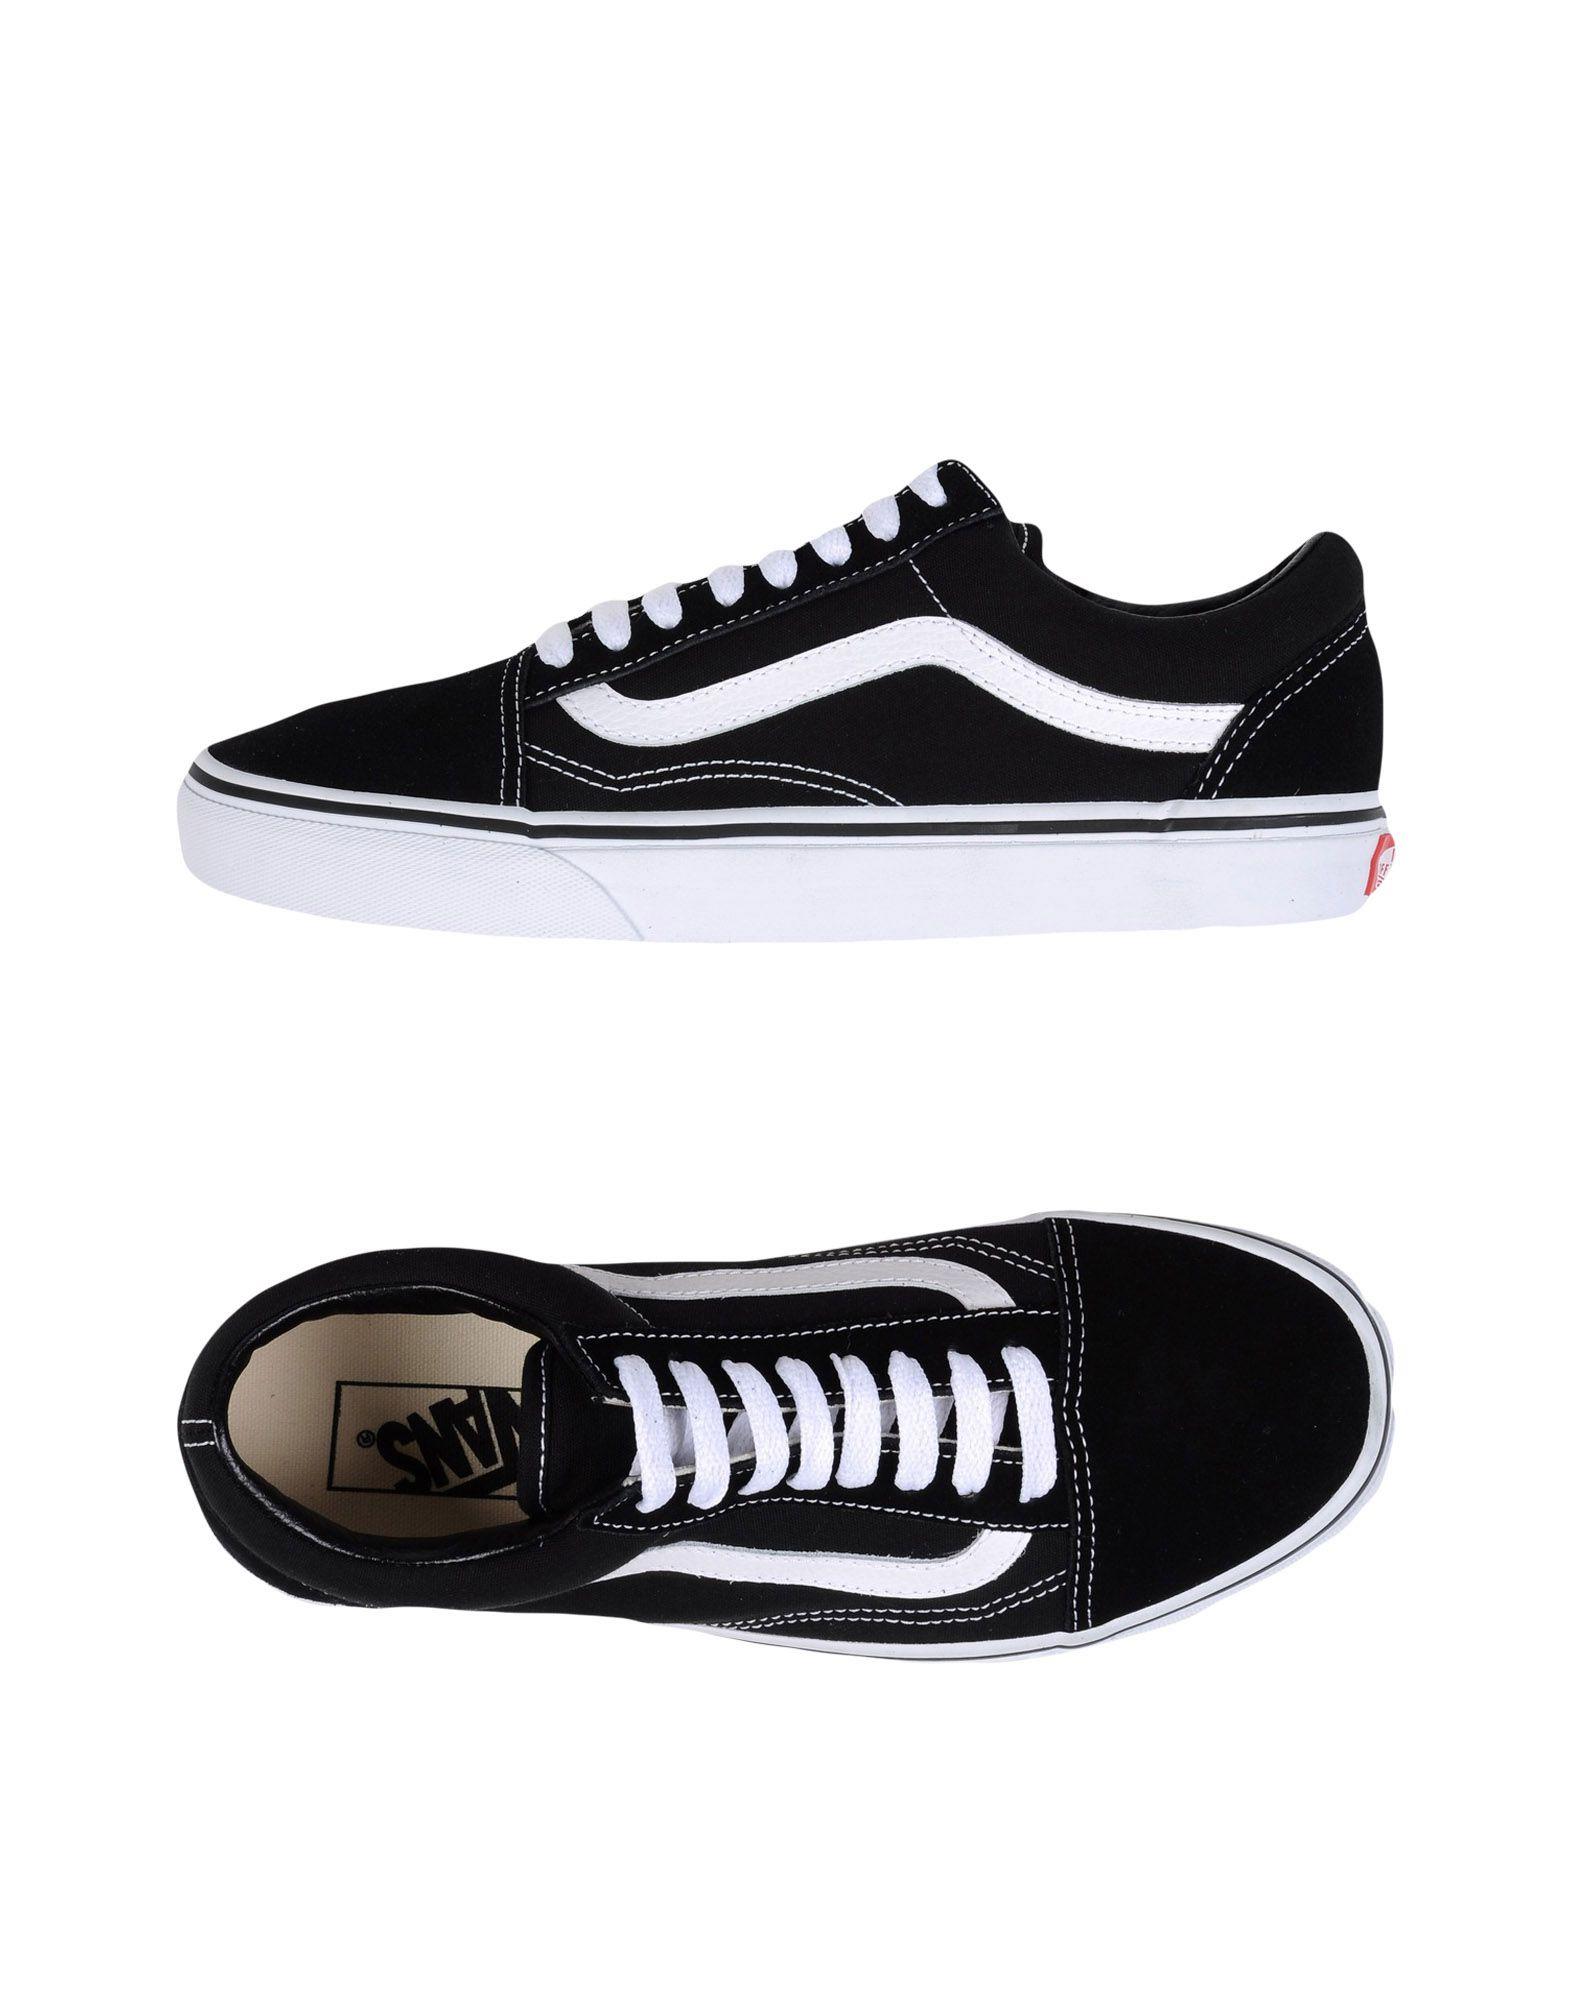 Vans U Old Skool Black White  11140354JN Gute Qualität beliebte Schuhe